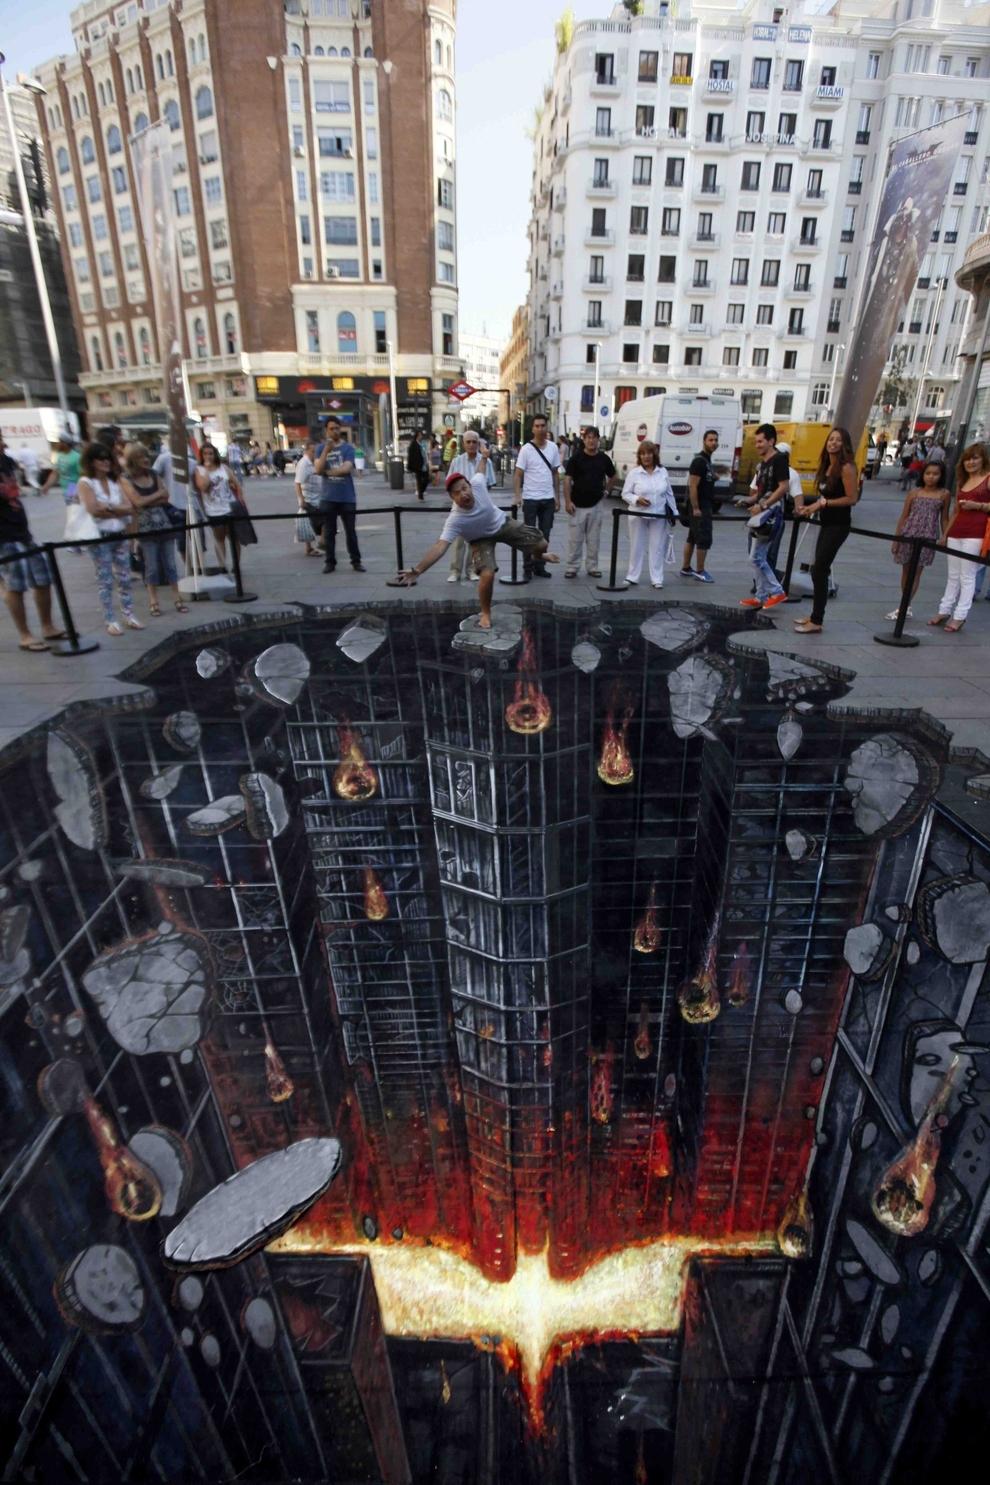 street-art-3D-illusion-trompe-loeil2